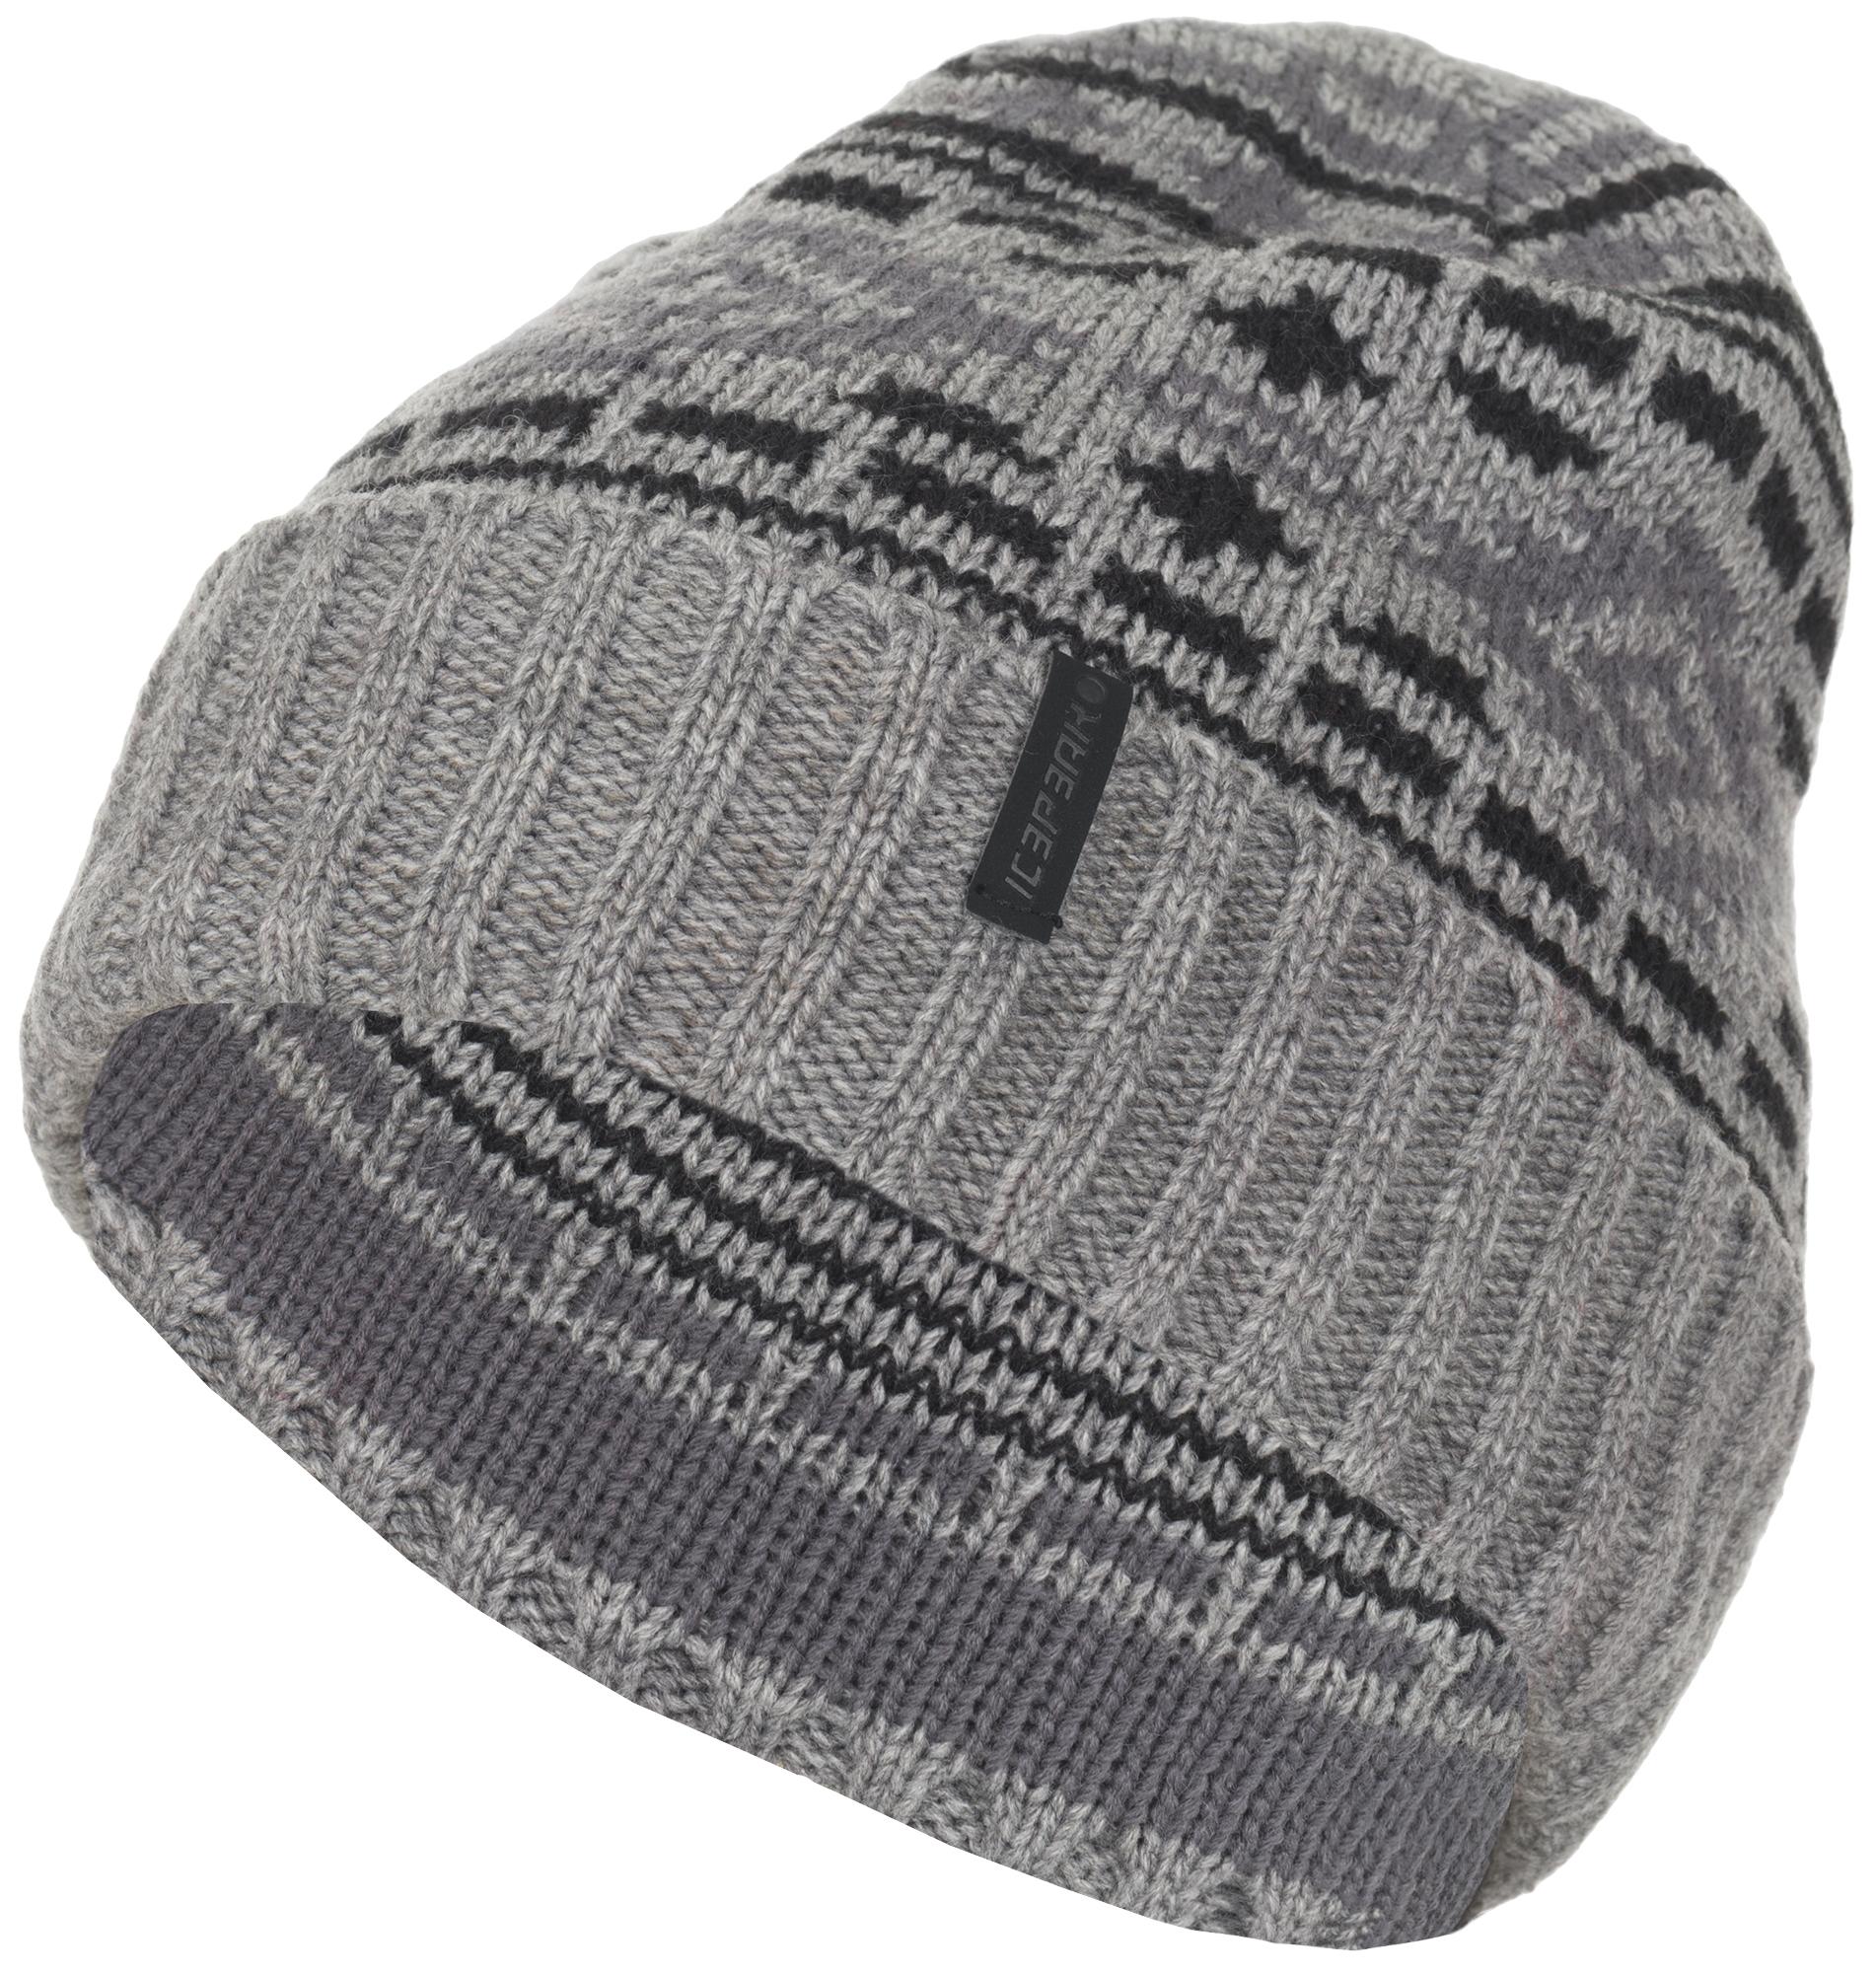 IcePeak Шапка мужская IcePeak Iolo icepeak шапка мужская icepeak iolo размер без размера